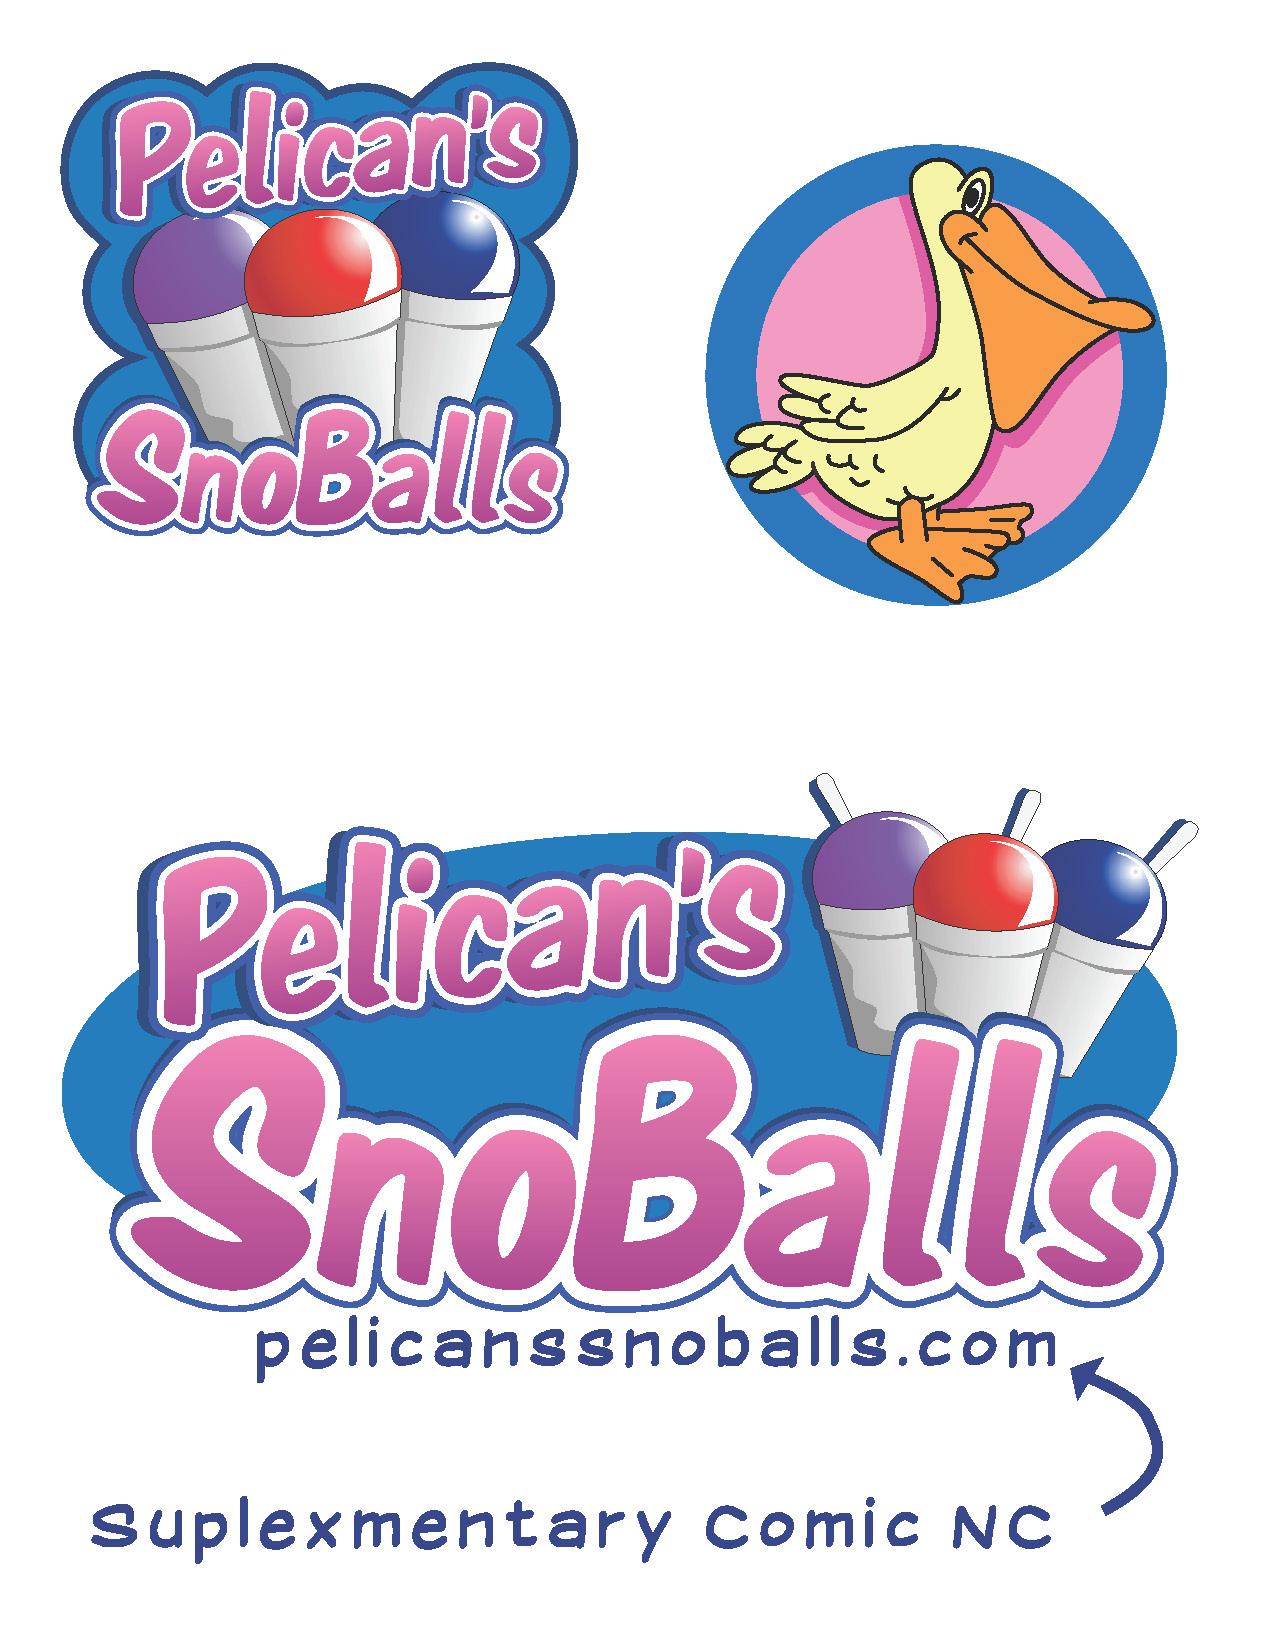 Pelicanssnoballs Kranken Signs Vehicle Wraps